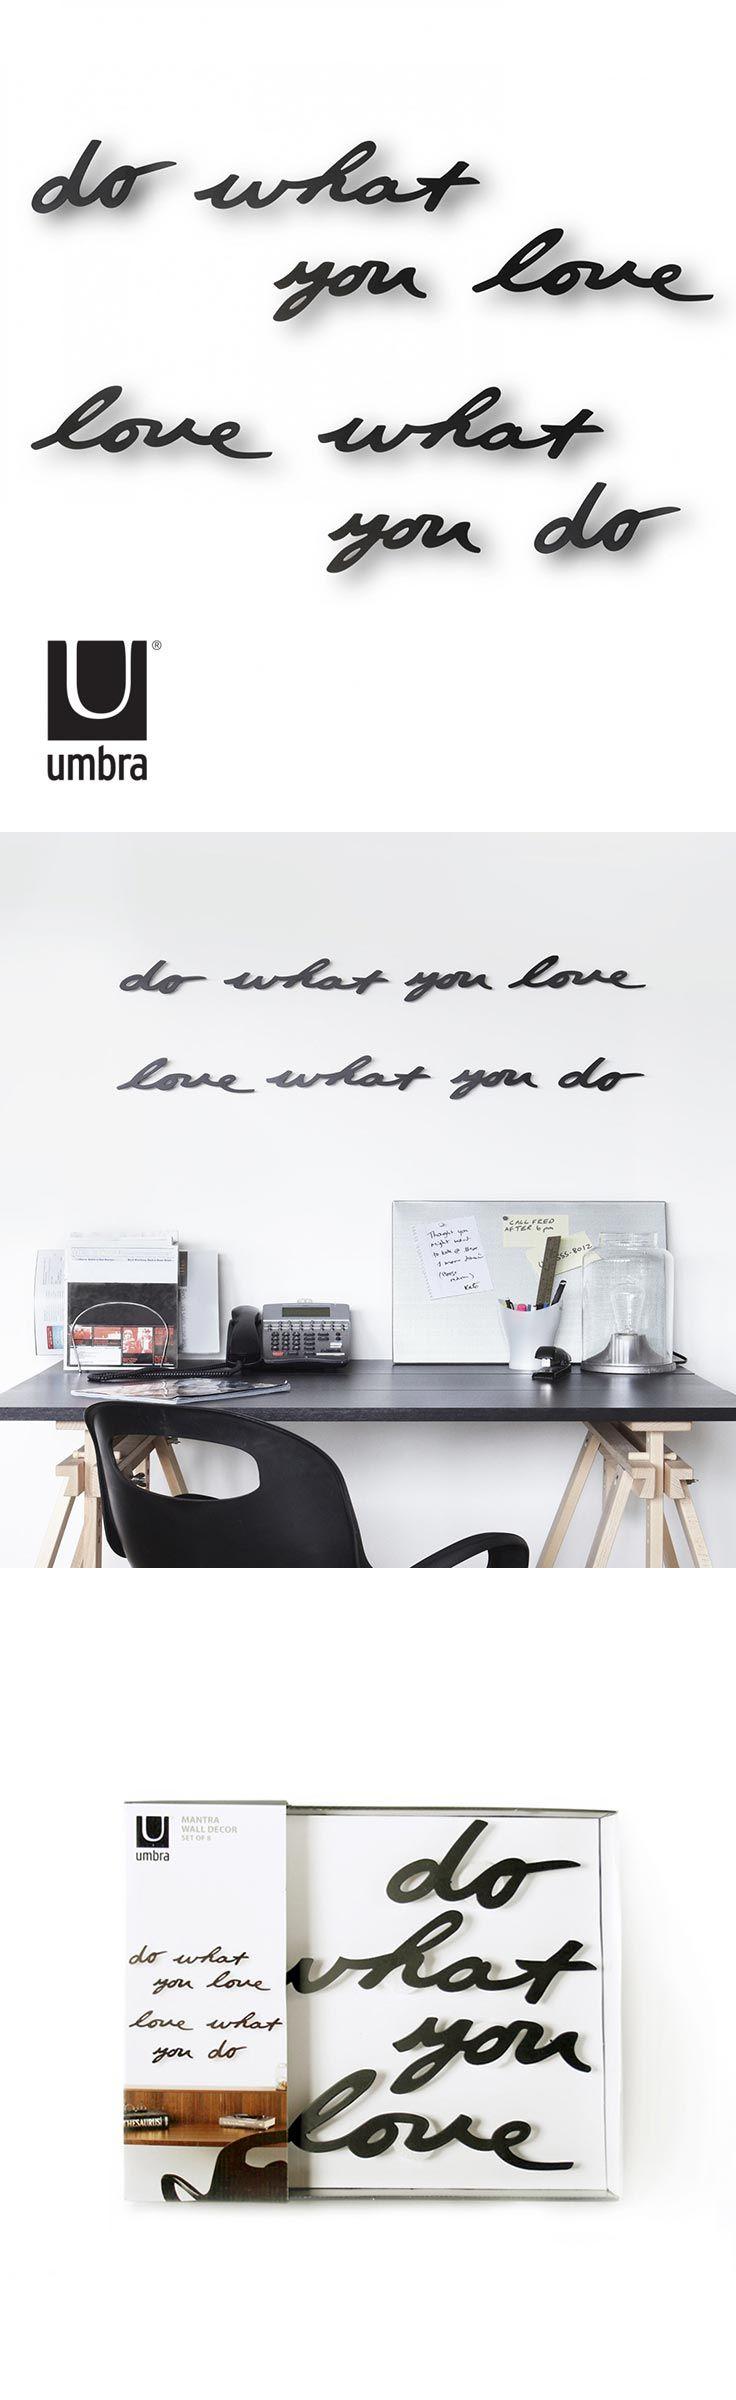 Dekorace na zeď Do what you love, love what you do. Dělej to, co miluješ. Miluj to, co děláš.   Motivační citát ve formě samolepící dekorace na zeď vytvoří originální vzhled jakékoli stěny.  Set obsahuje 8 ks.  Materiál: kov Rozměry: 16 - 31 x 7 x 1,5 cm  DO - 7,5 х 16,5 cm WHAT - 7,5 х 31,7 cm YOU - 7,5 х 7 cm LOVE - 7,5 х 7 cm